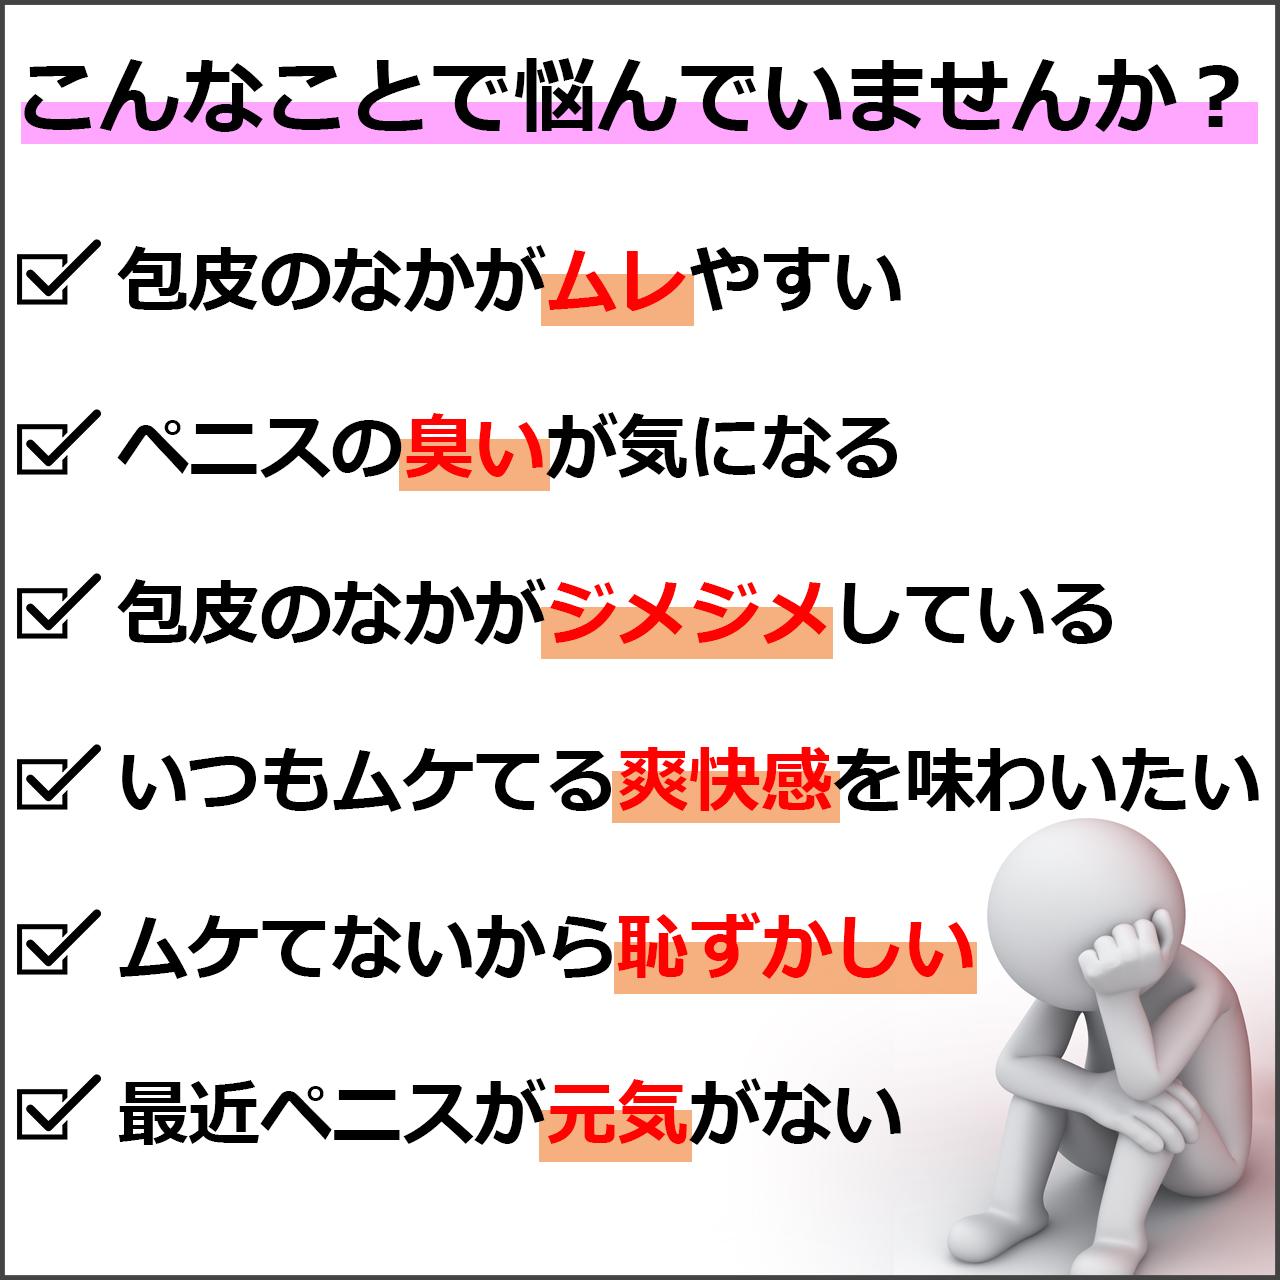 カリバウアー ストロング単品(ストラップ付) STRONG